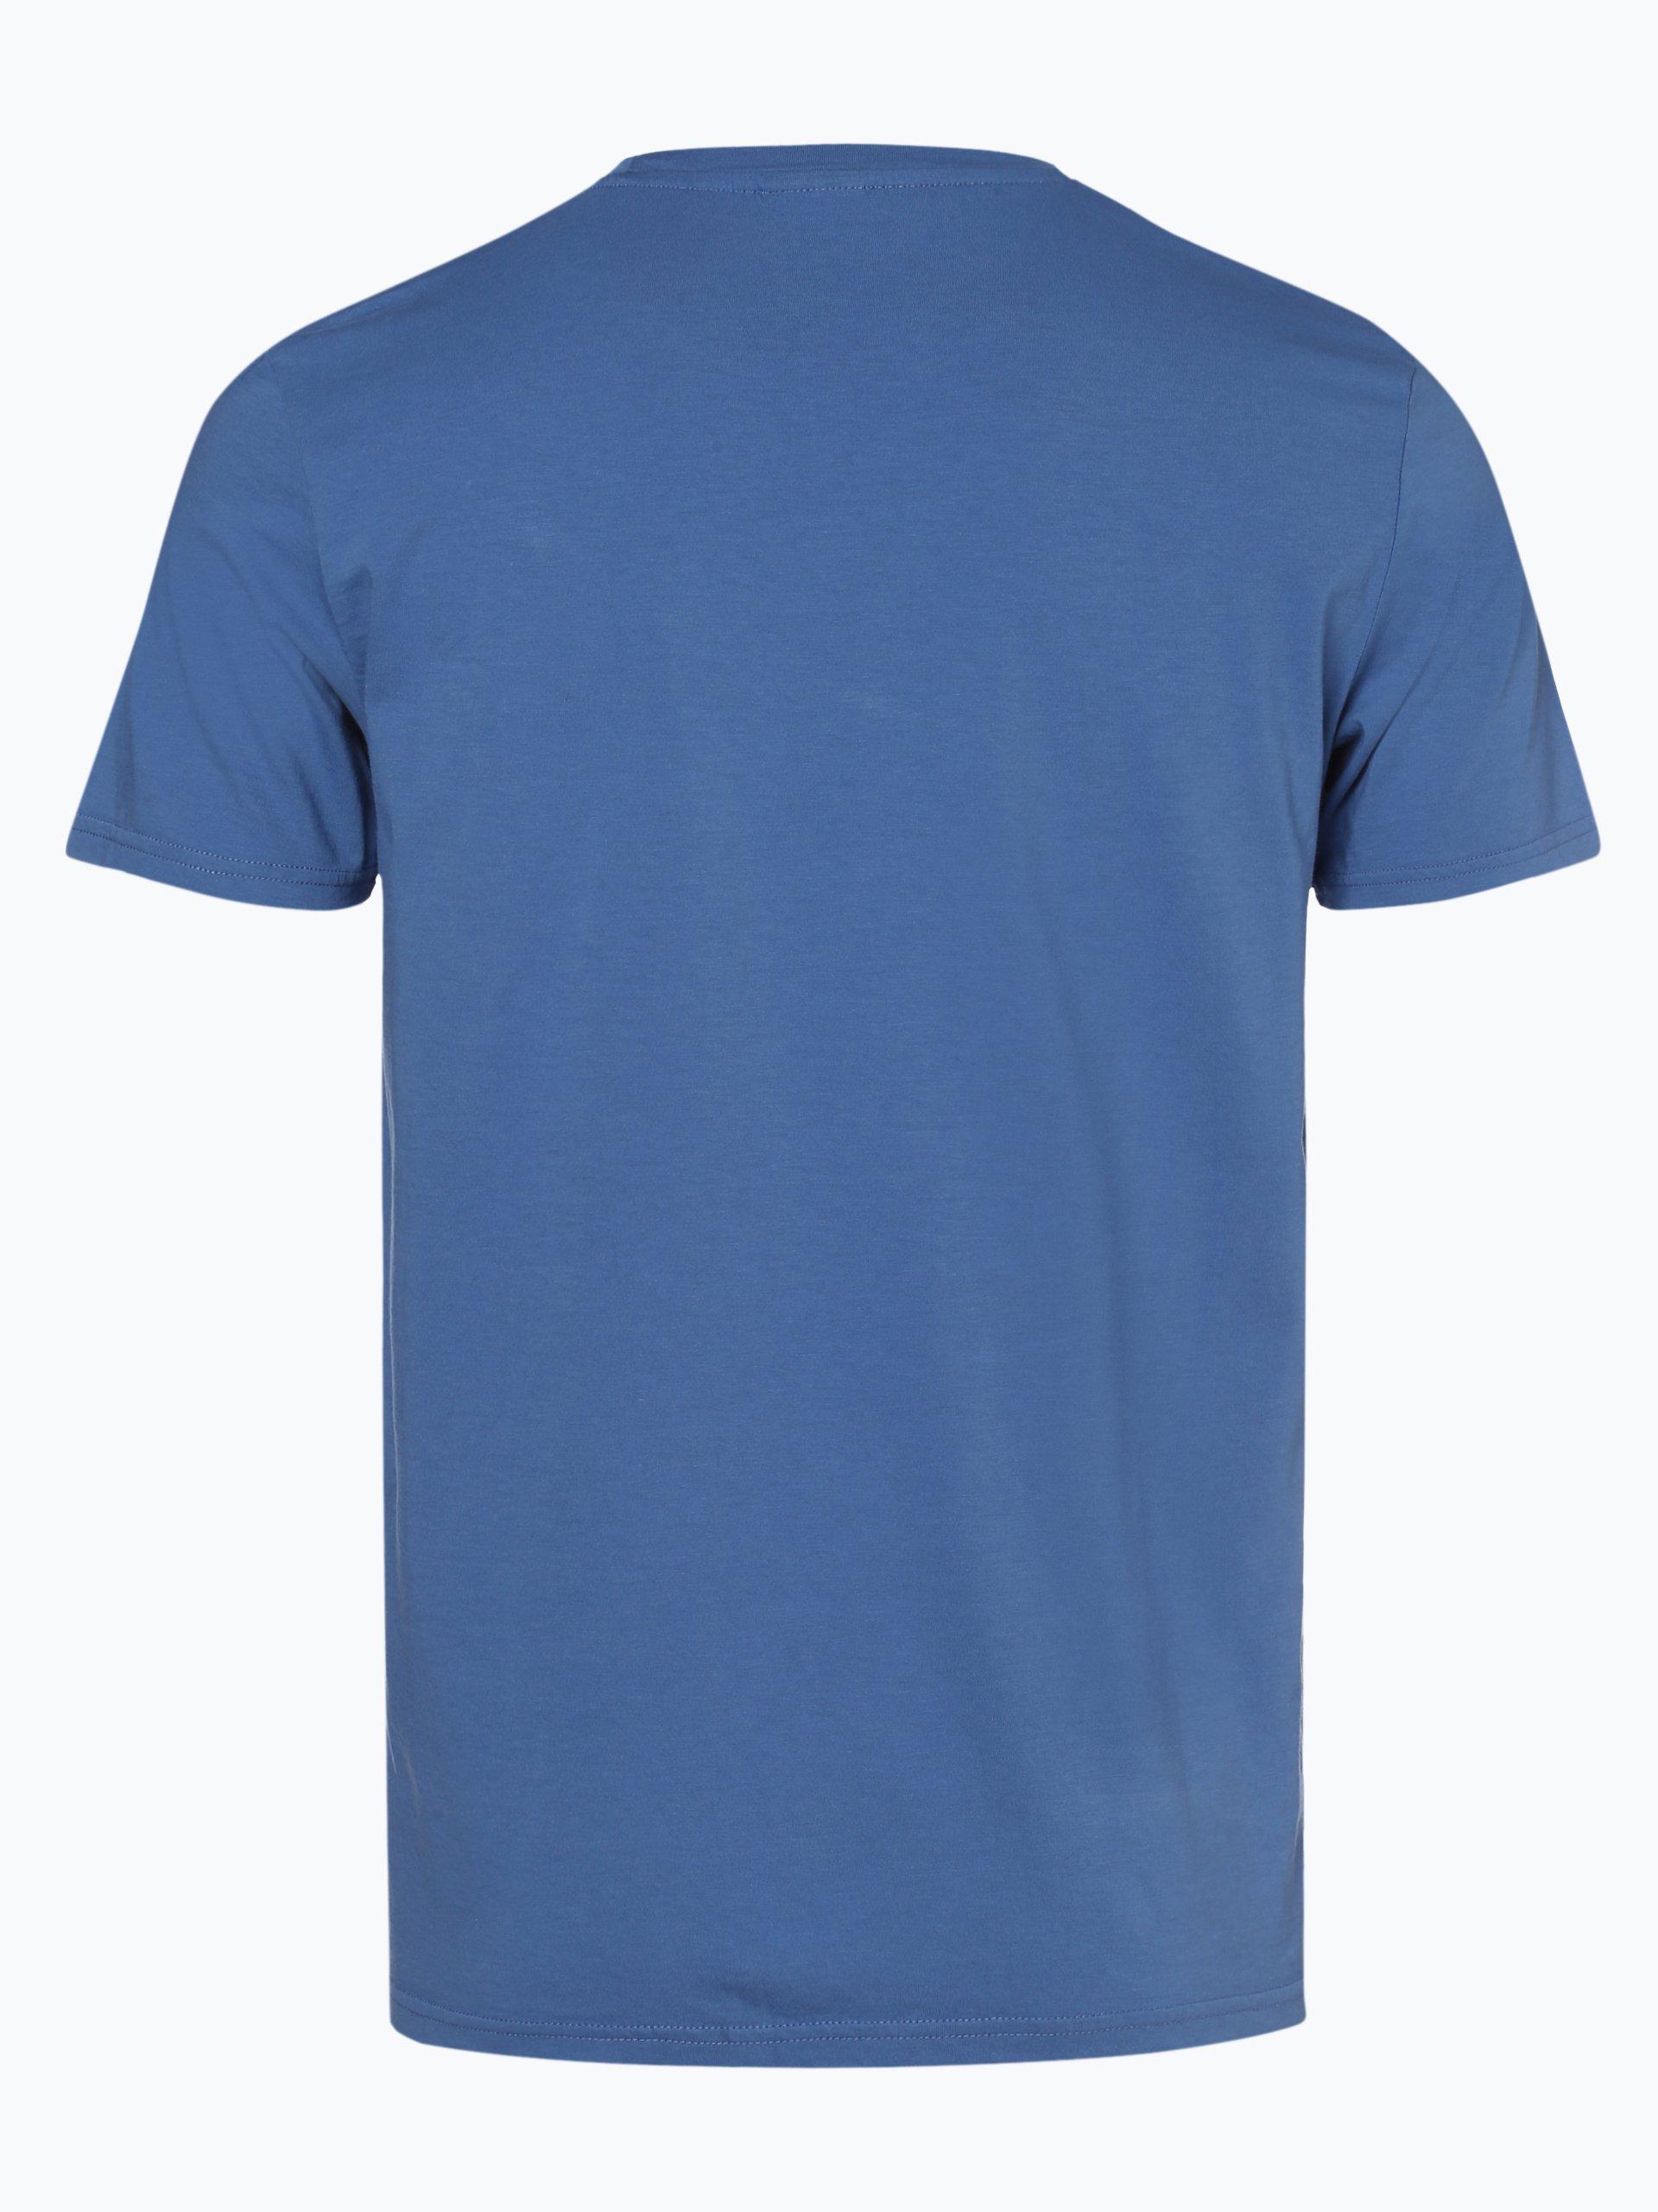 Joop Herren T-Shirt - Alex